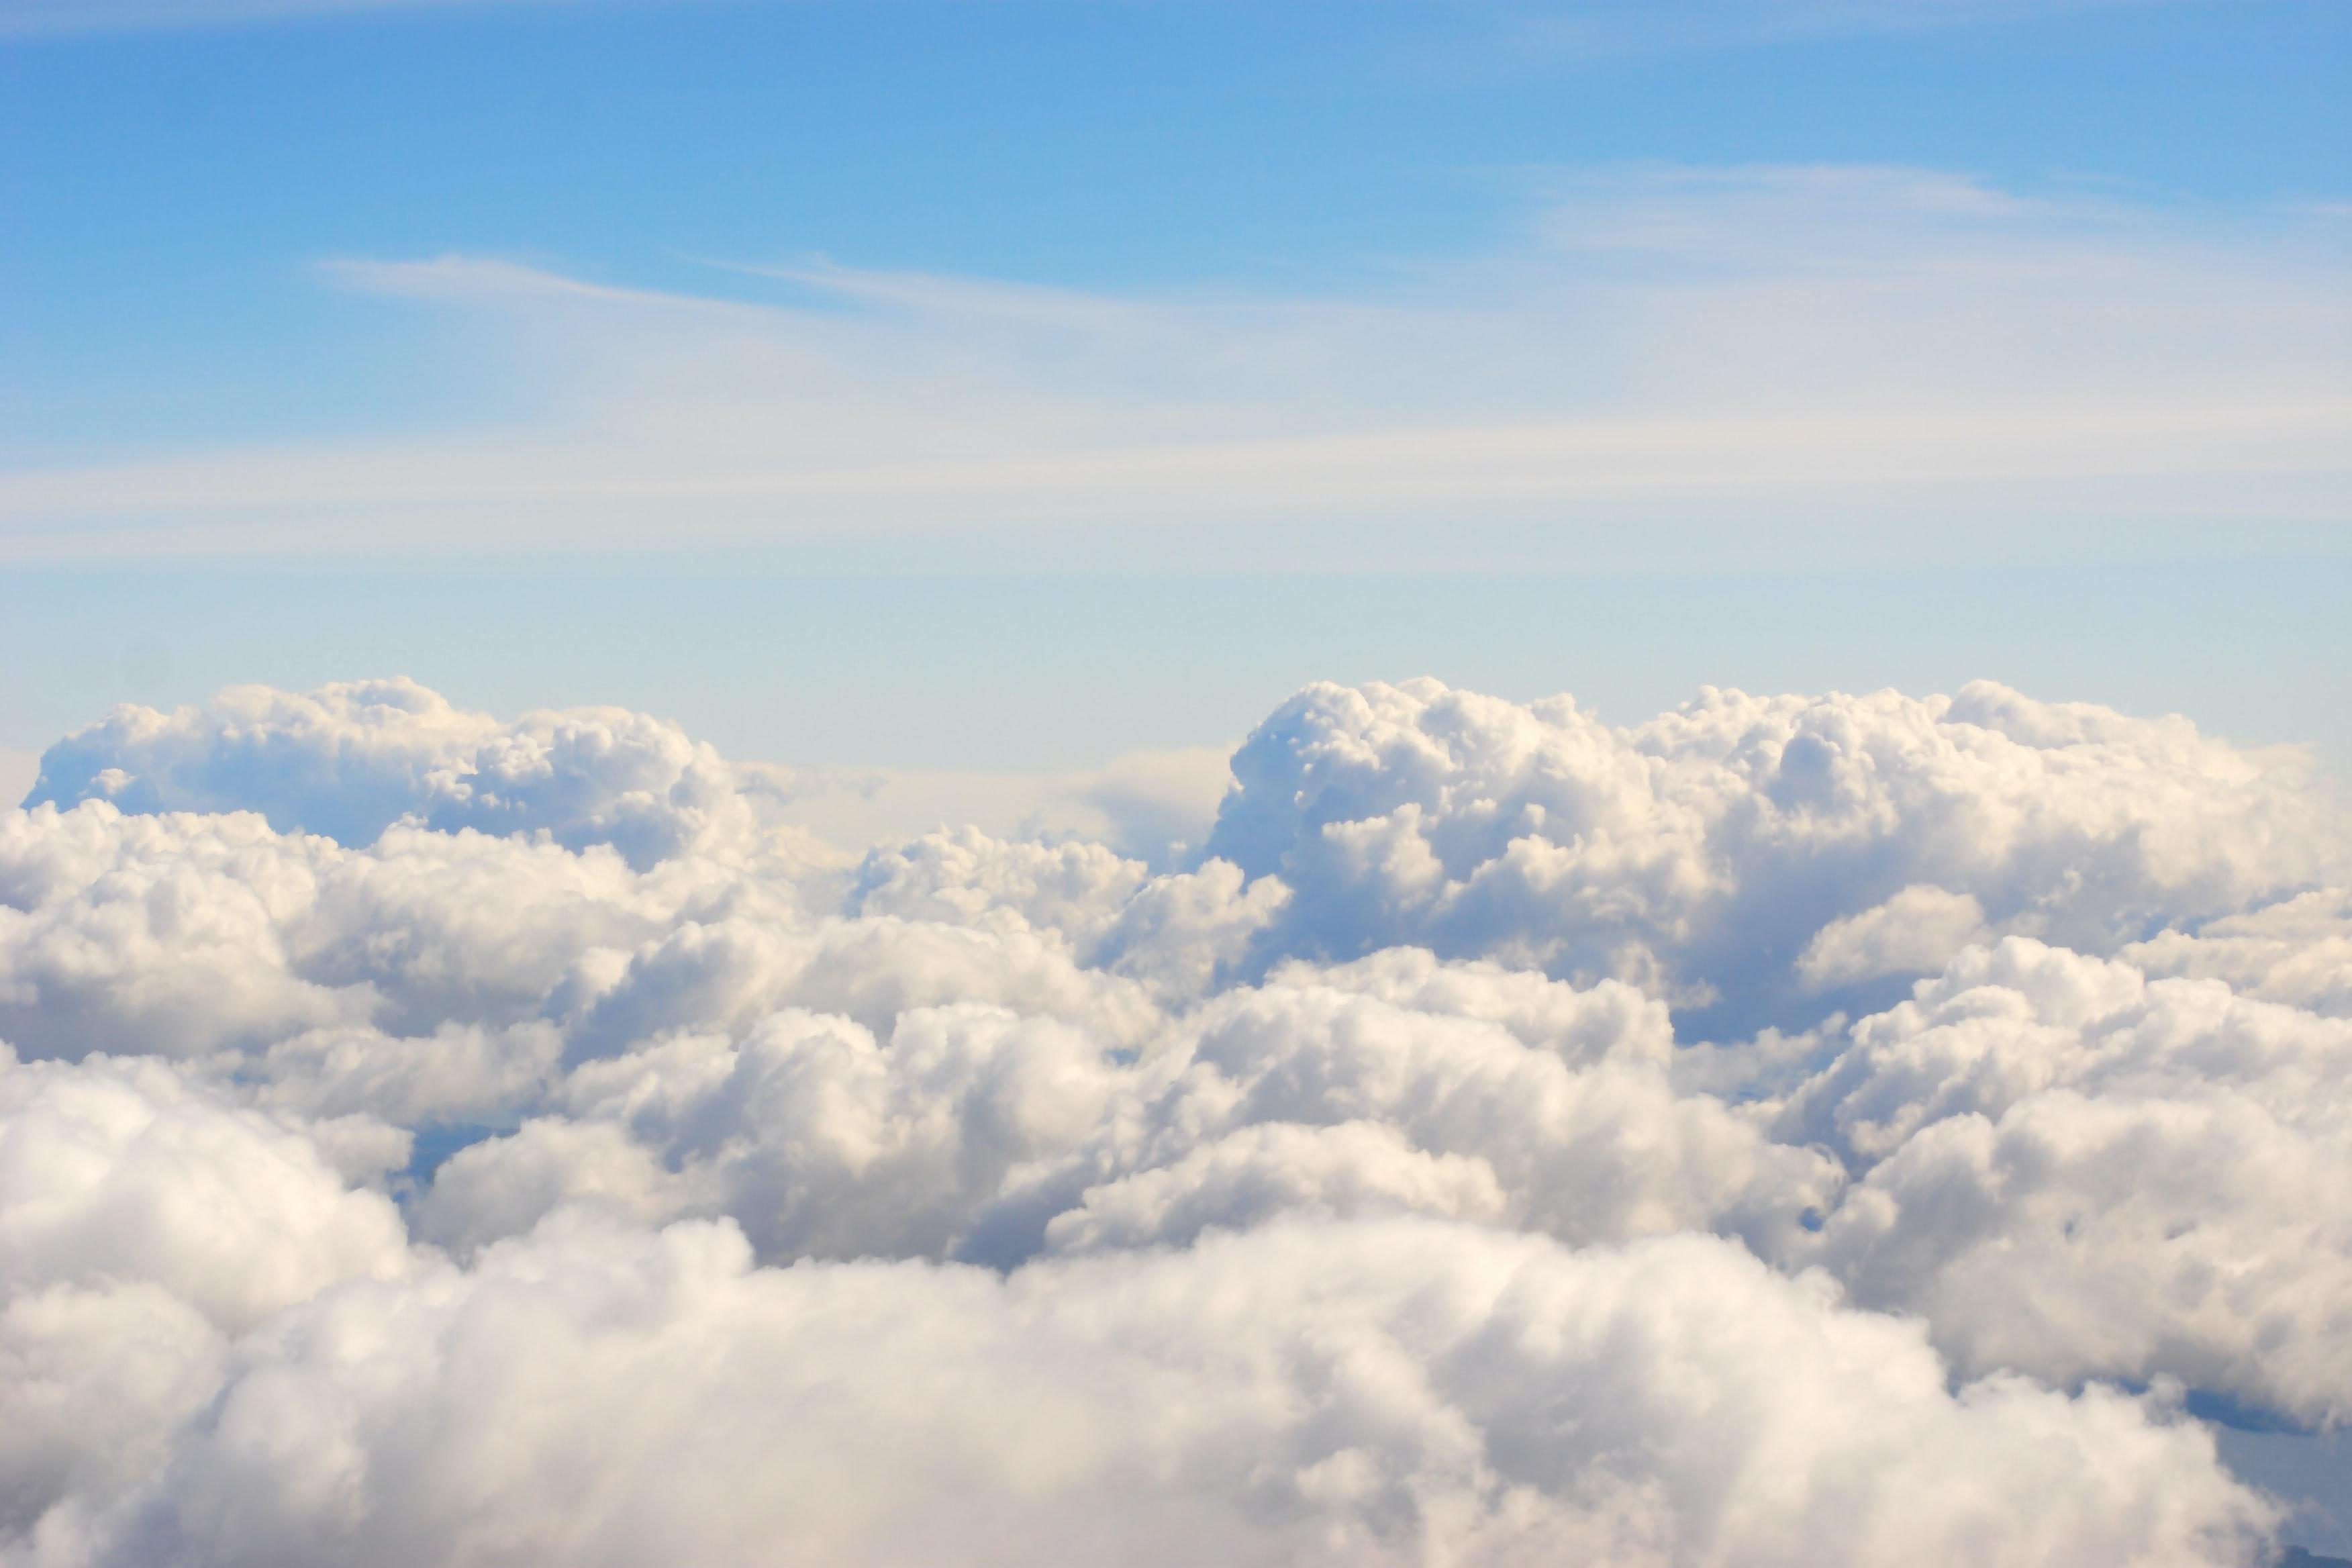 đám mây trắng